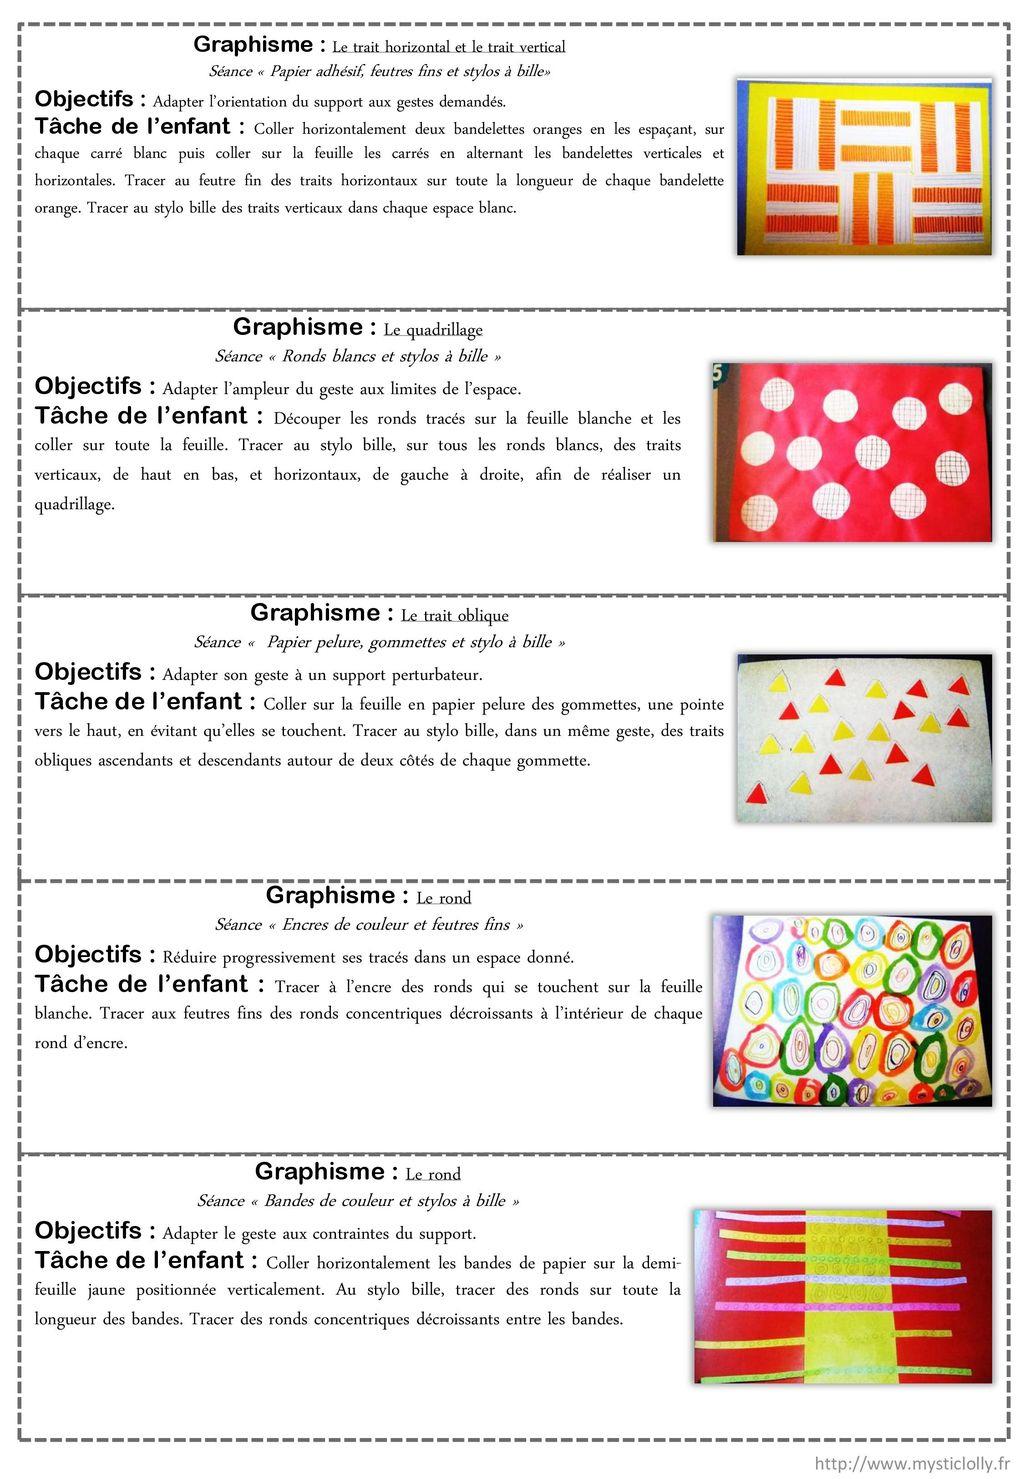 Liste Des Consignes : Ateliers Graphiques Gs - Ppt Video concernant Graphisme Traits Verticaux